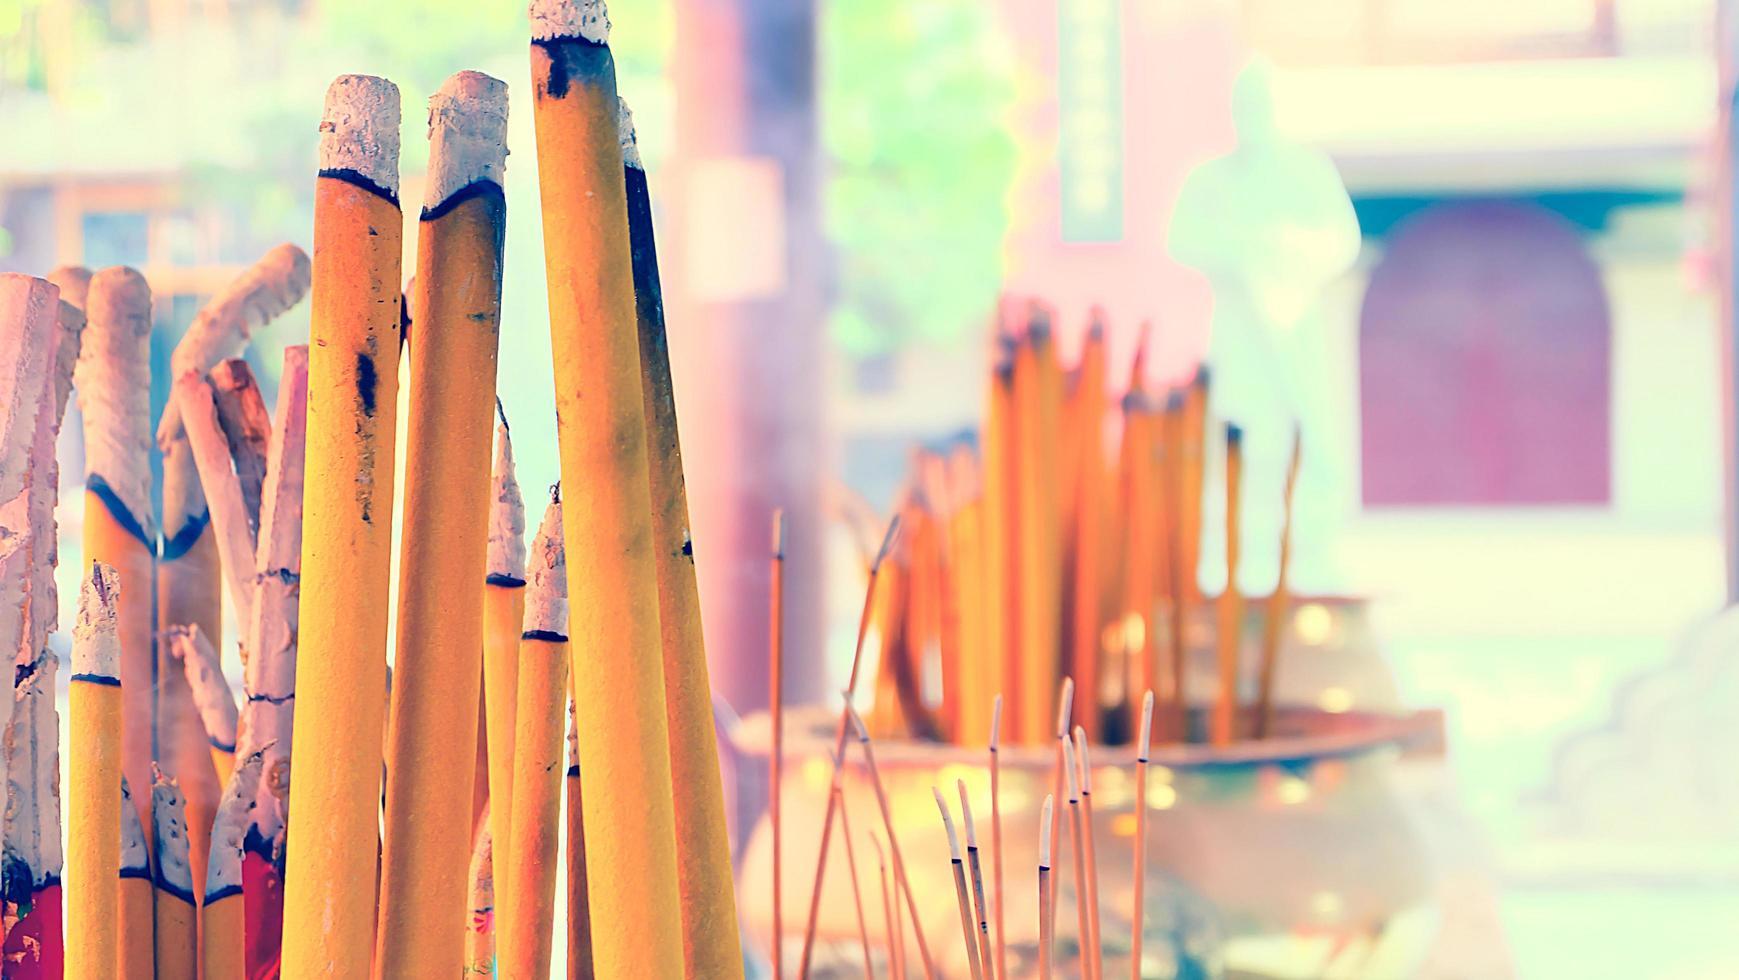 Fumare bastoncini di incenso in un tempio di Hong Kong. tiro orizzontale foto